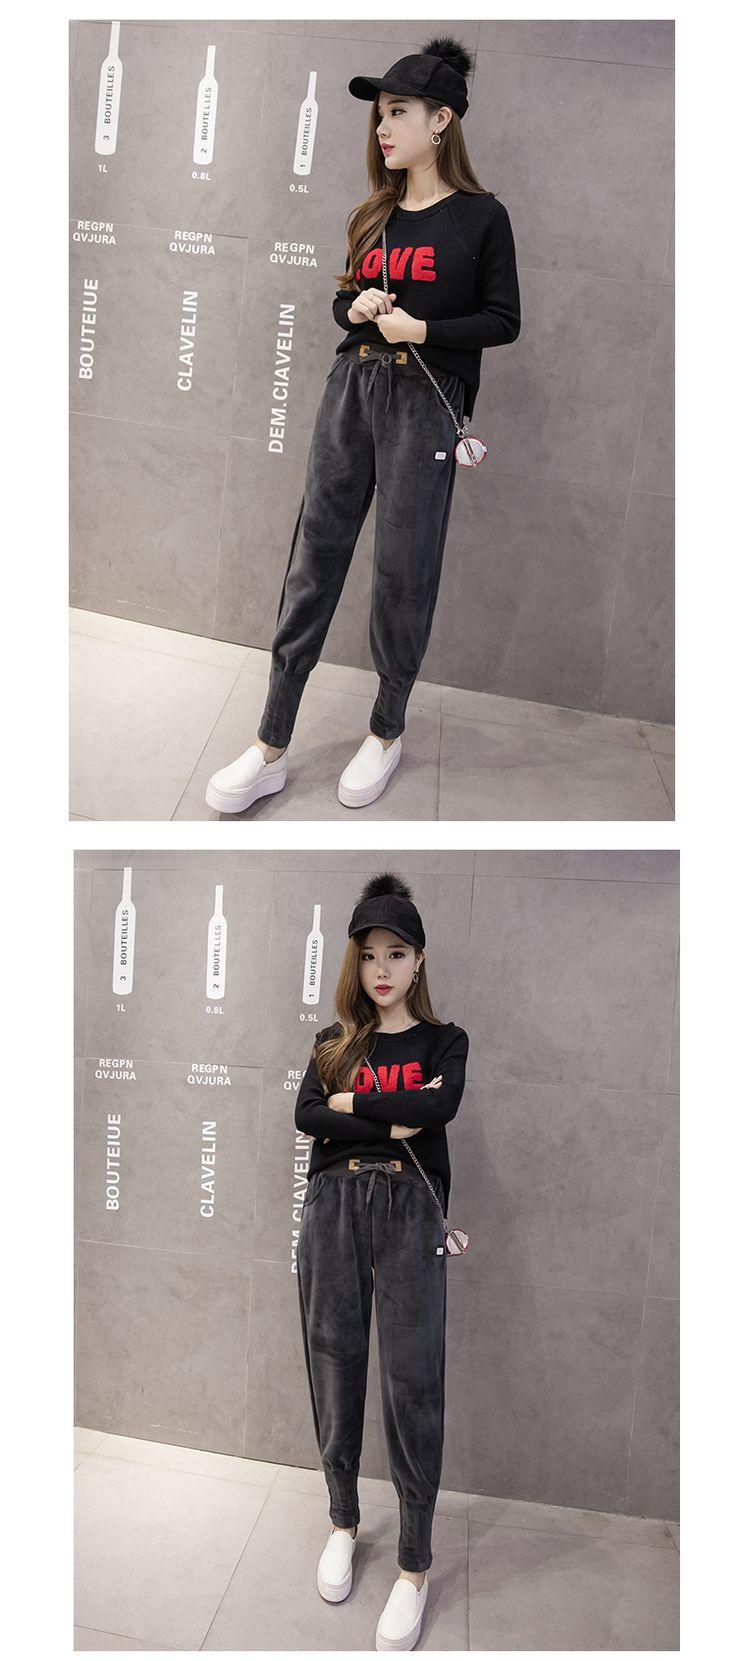 2017 зима новый золотой бархат теплый гарем брюки женщин плюс бархат утолщение тонкие ноги досуг спортивные штаны рубашки - Taobao